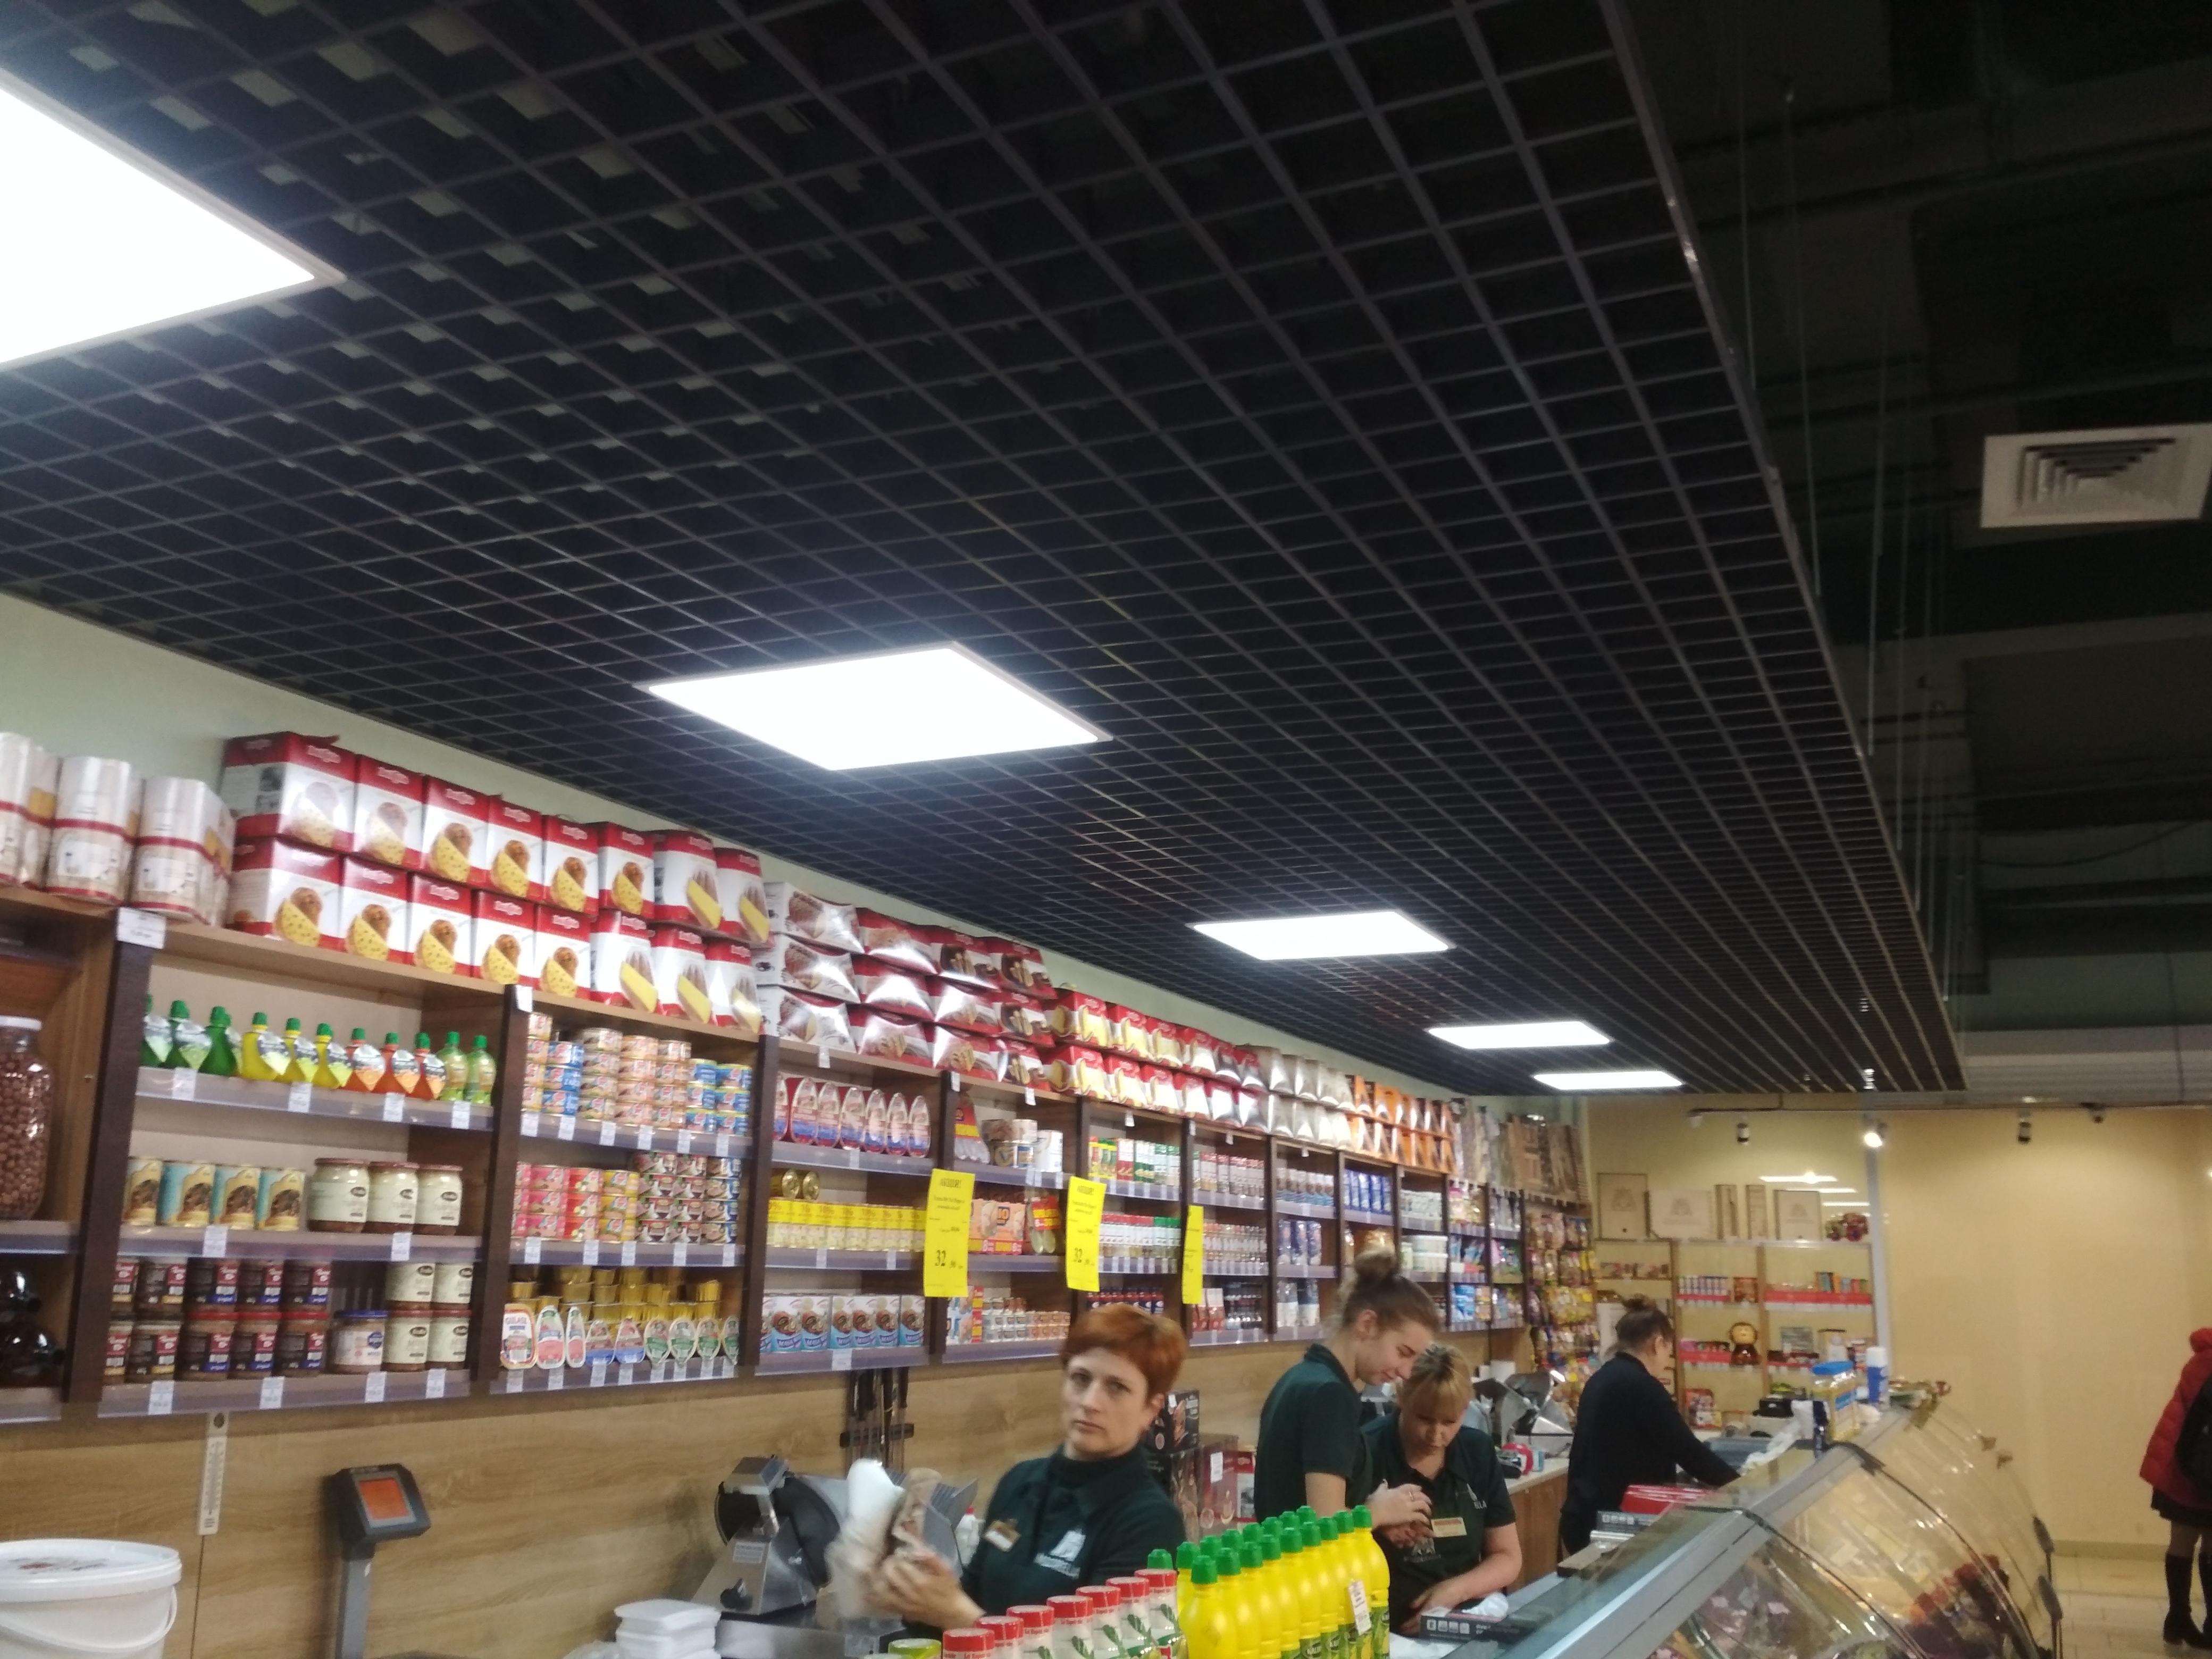 Фото Монтаж потолка Грильято в магазине. Подключение светильников.